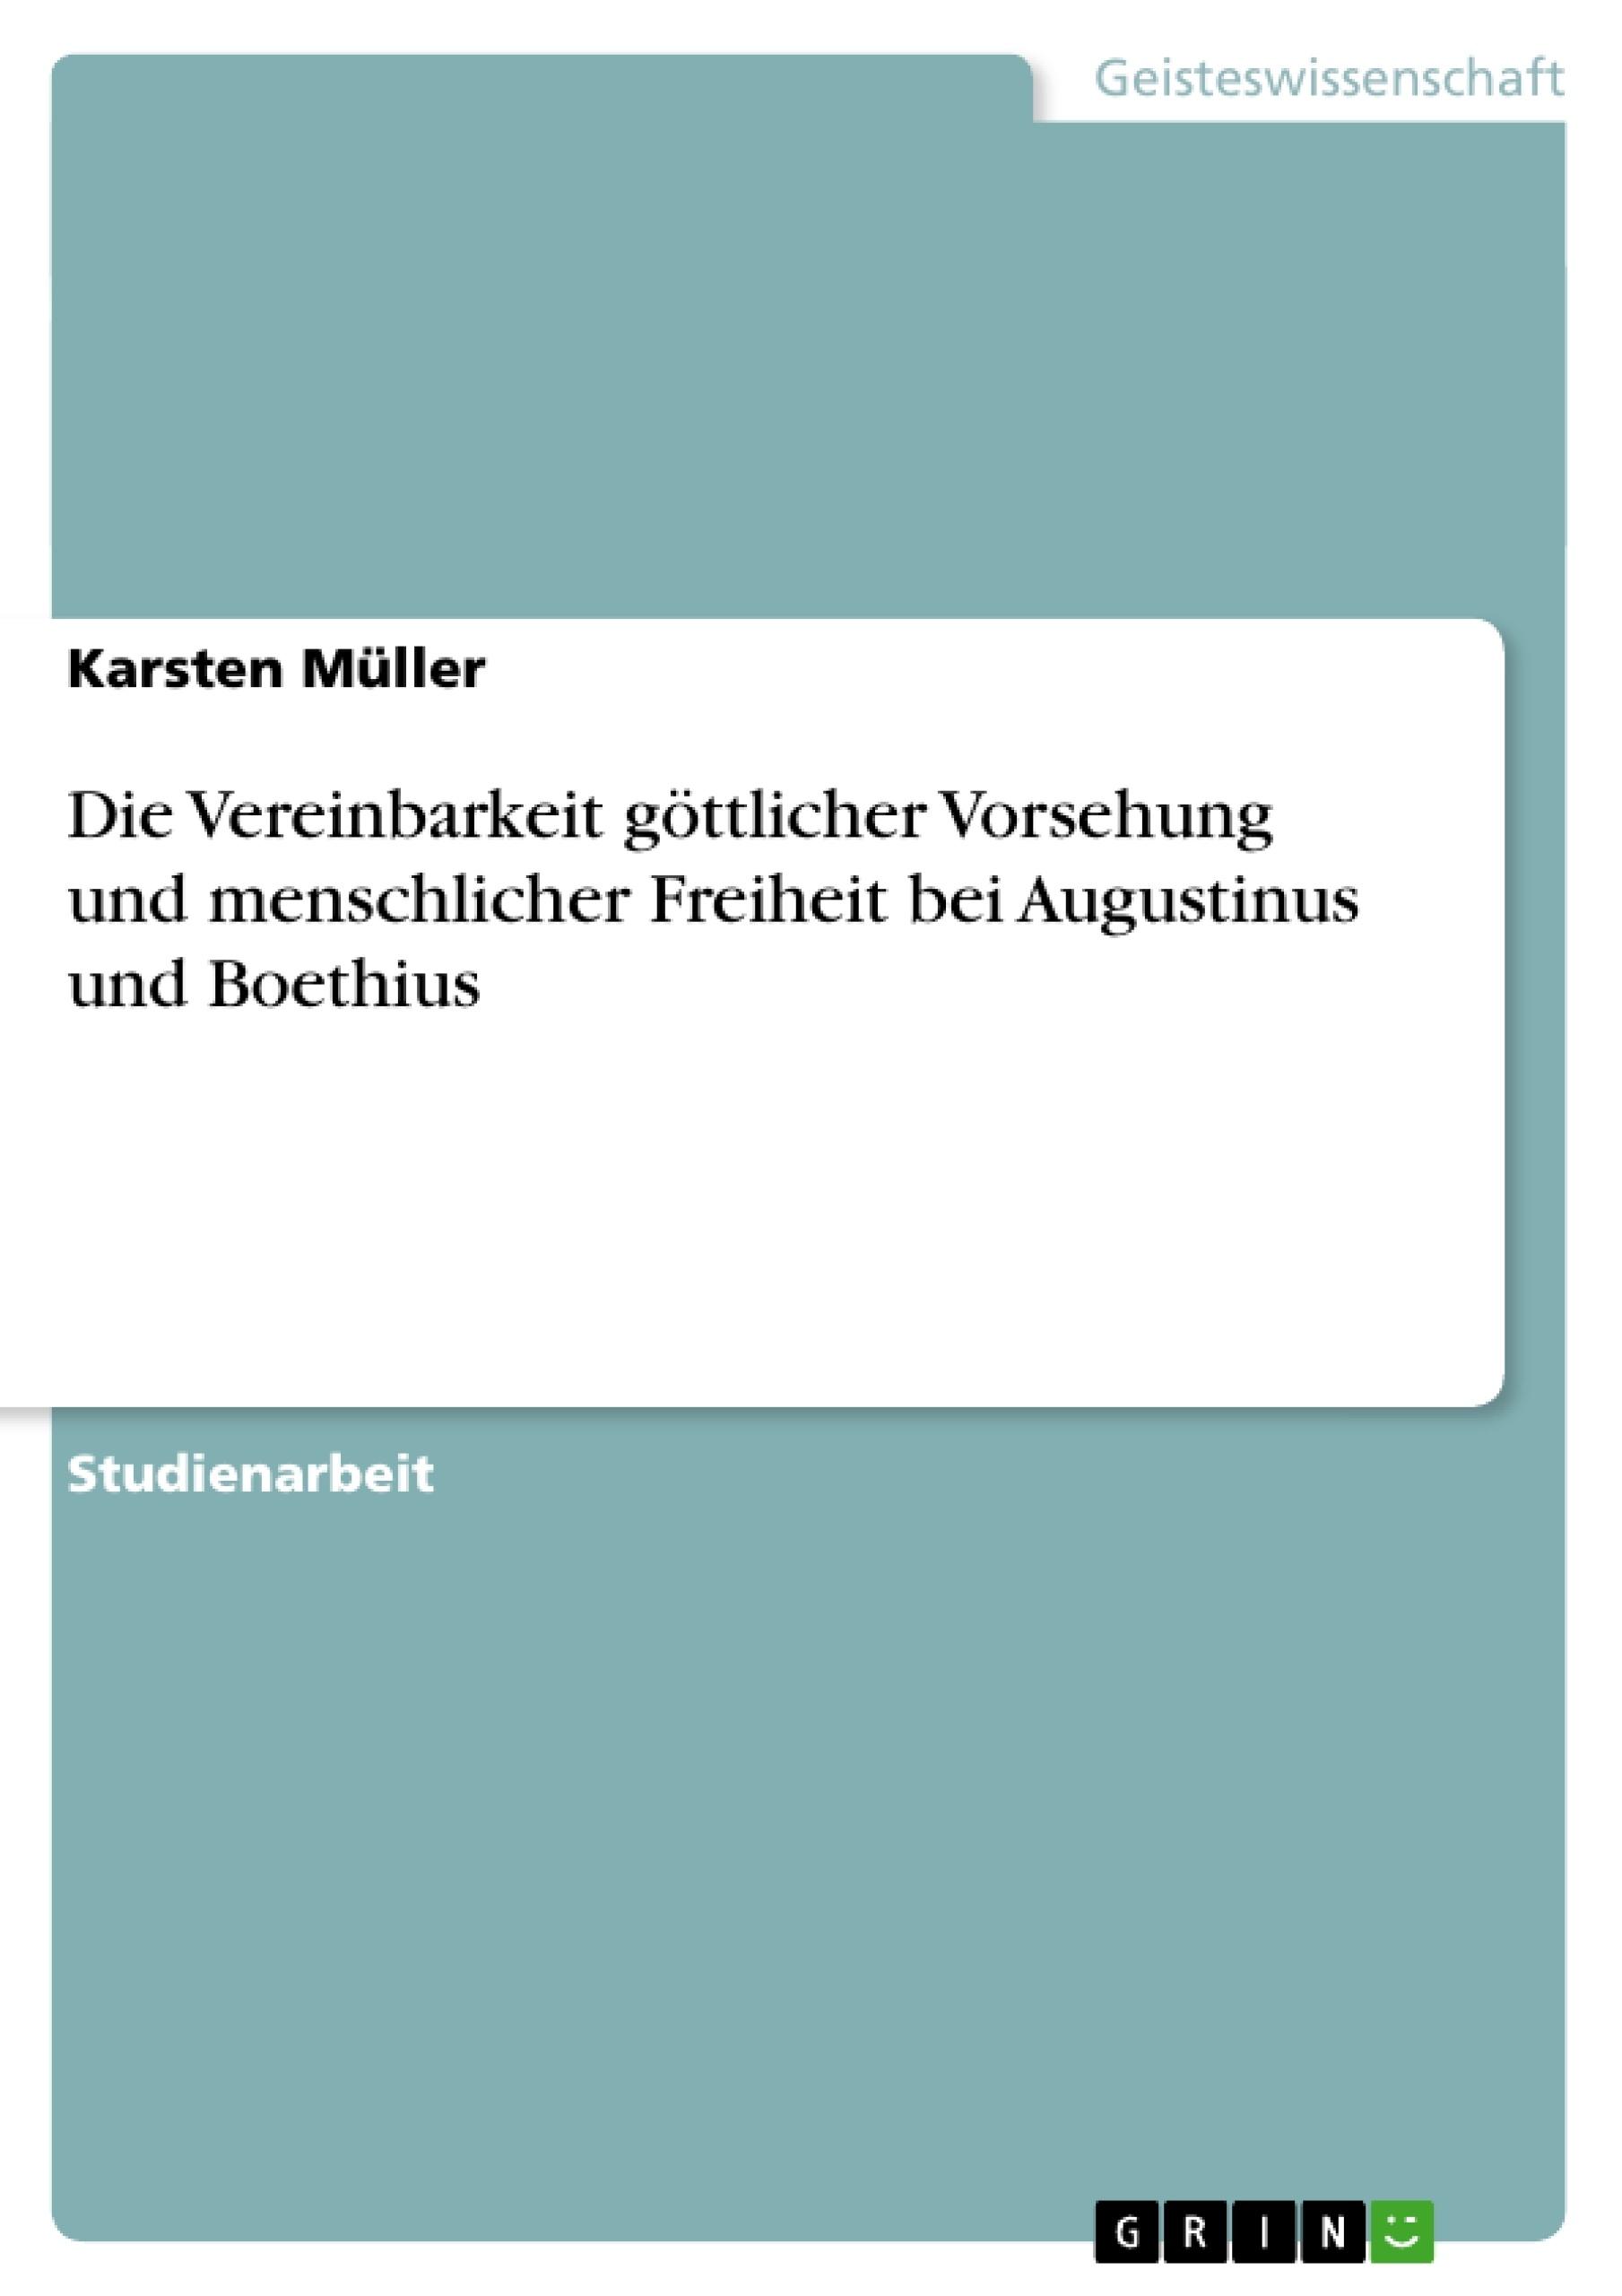 Titel: Die Vereinbarkeit göttlicher Vorsehung und menschlicher Freiheit bei Augustinus und Boethius